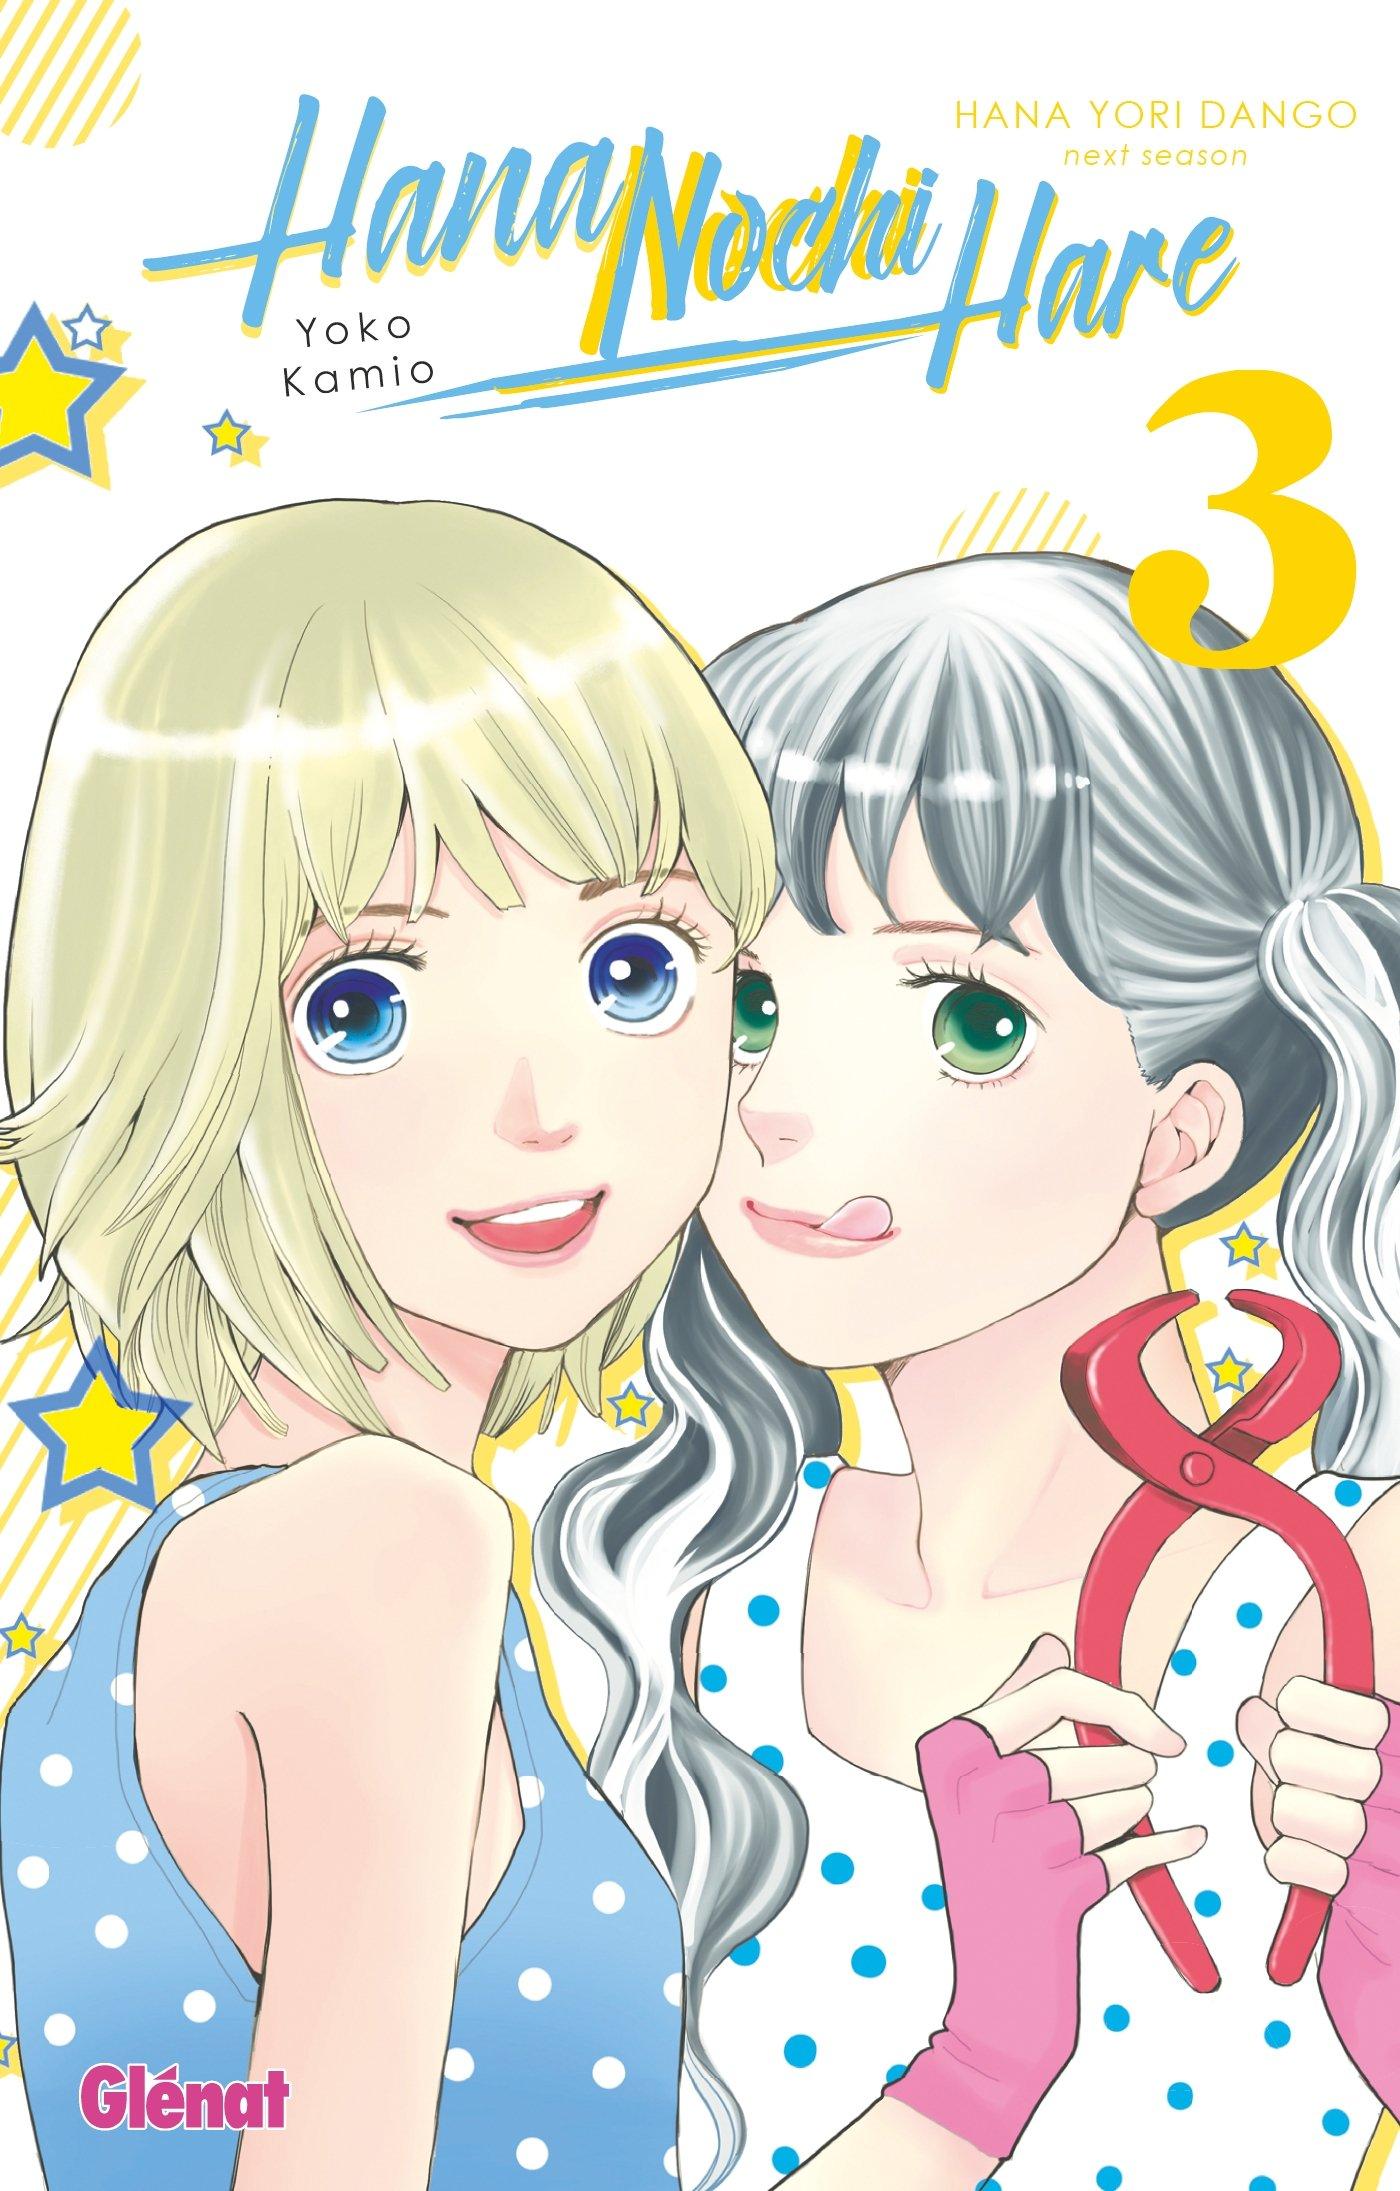 Hana nochi hare - Hana yori dango next season 3